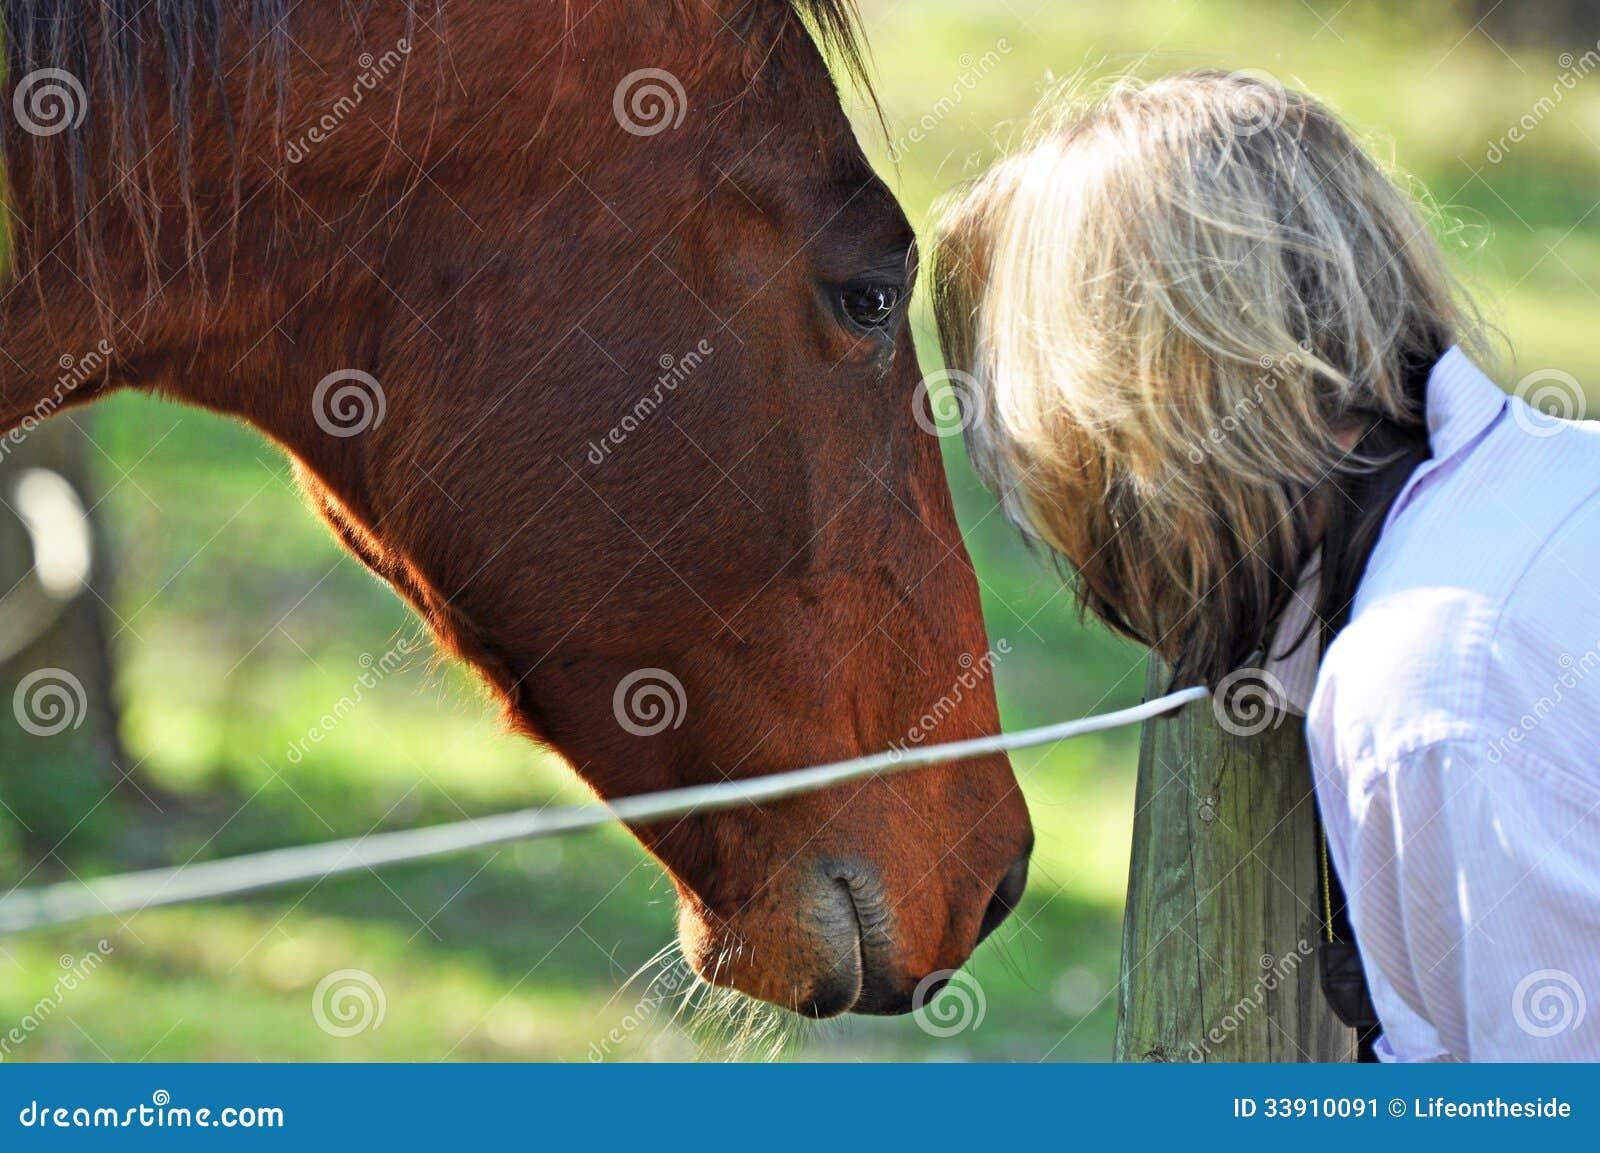 Horse whisperer - soft dreamy portrait woman & pet